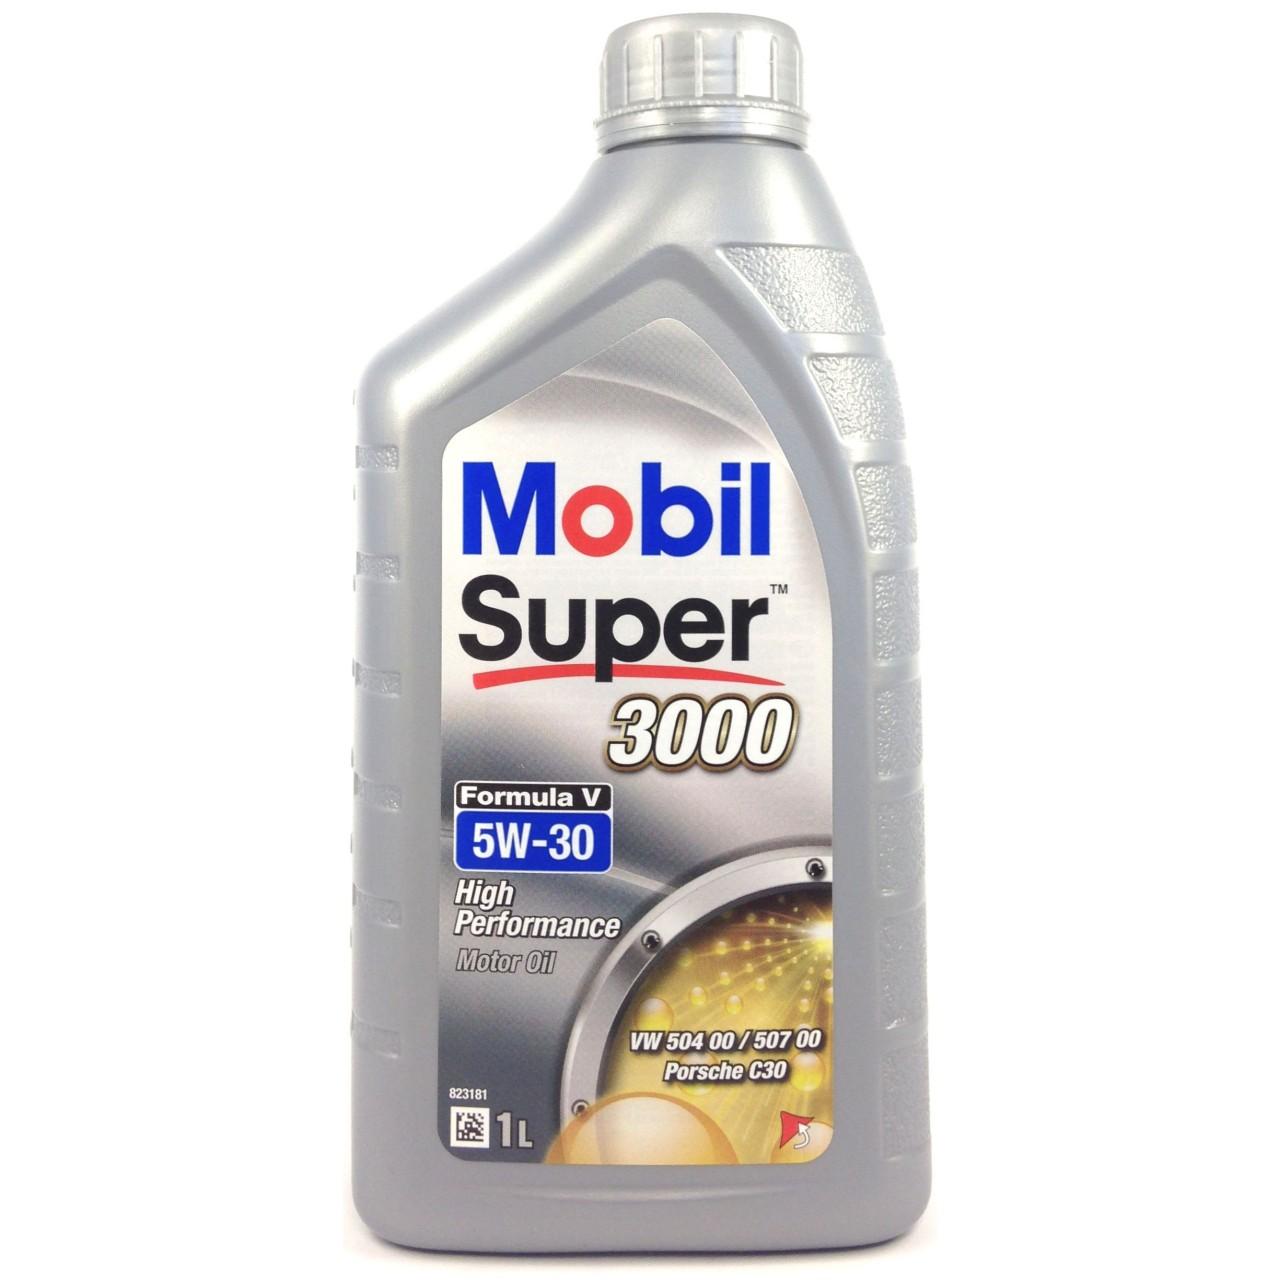 Mobil Super 3000 Formula V 5w30 1 Liter De Olie Concurrent